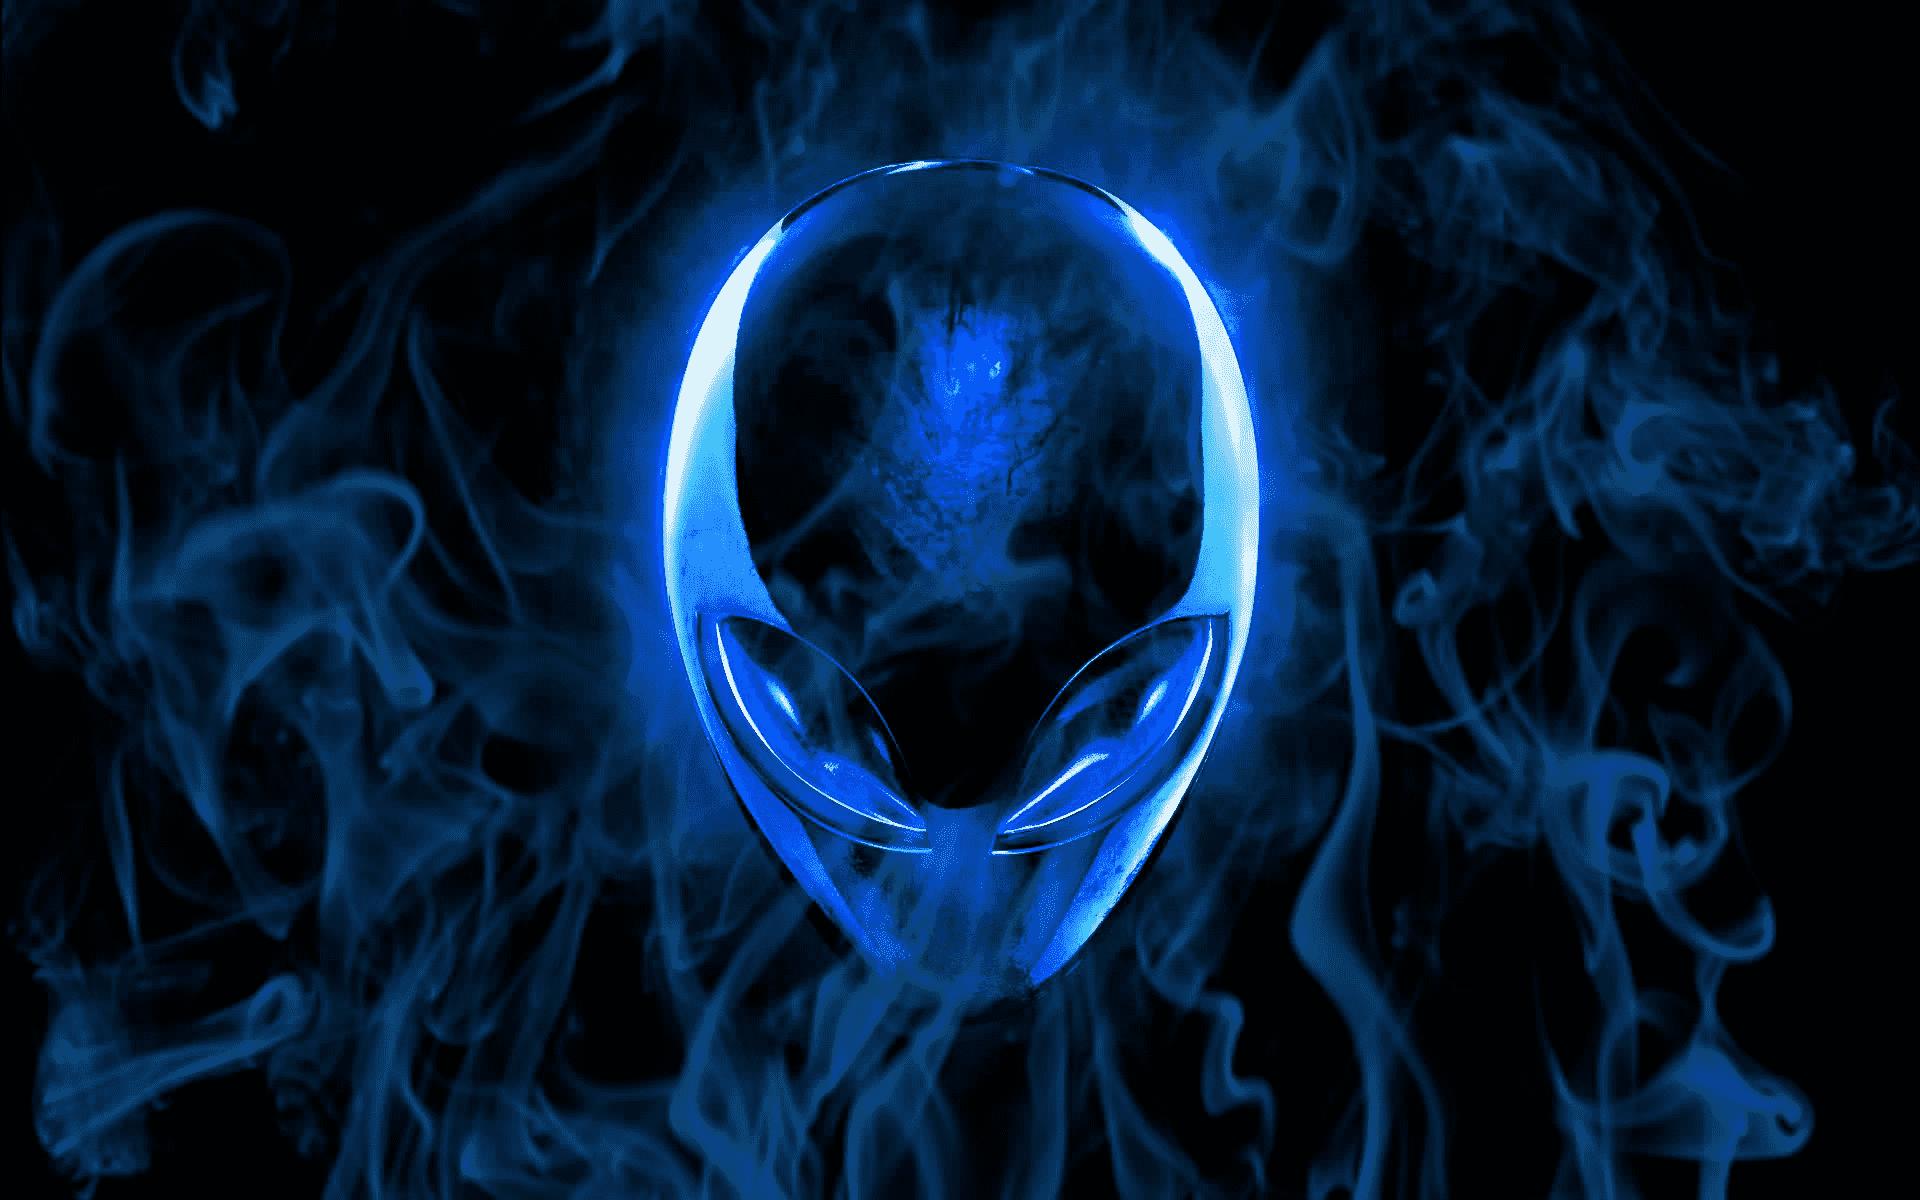 alienware wallpaper 1